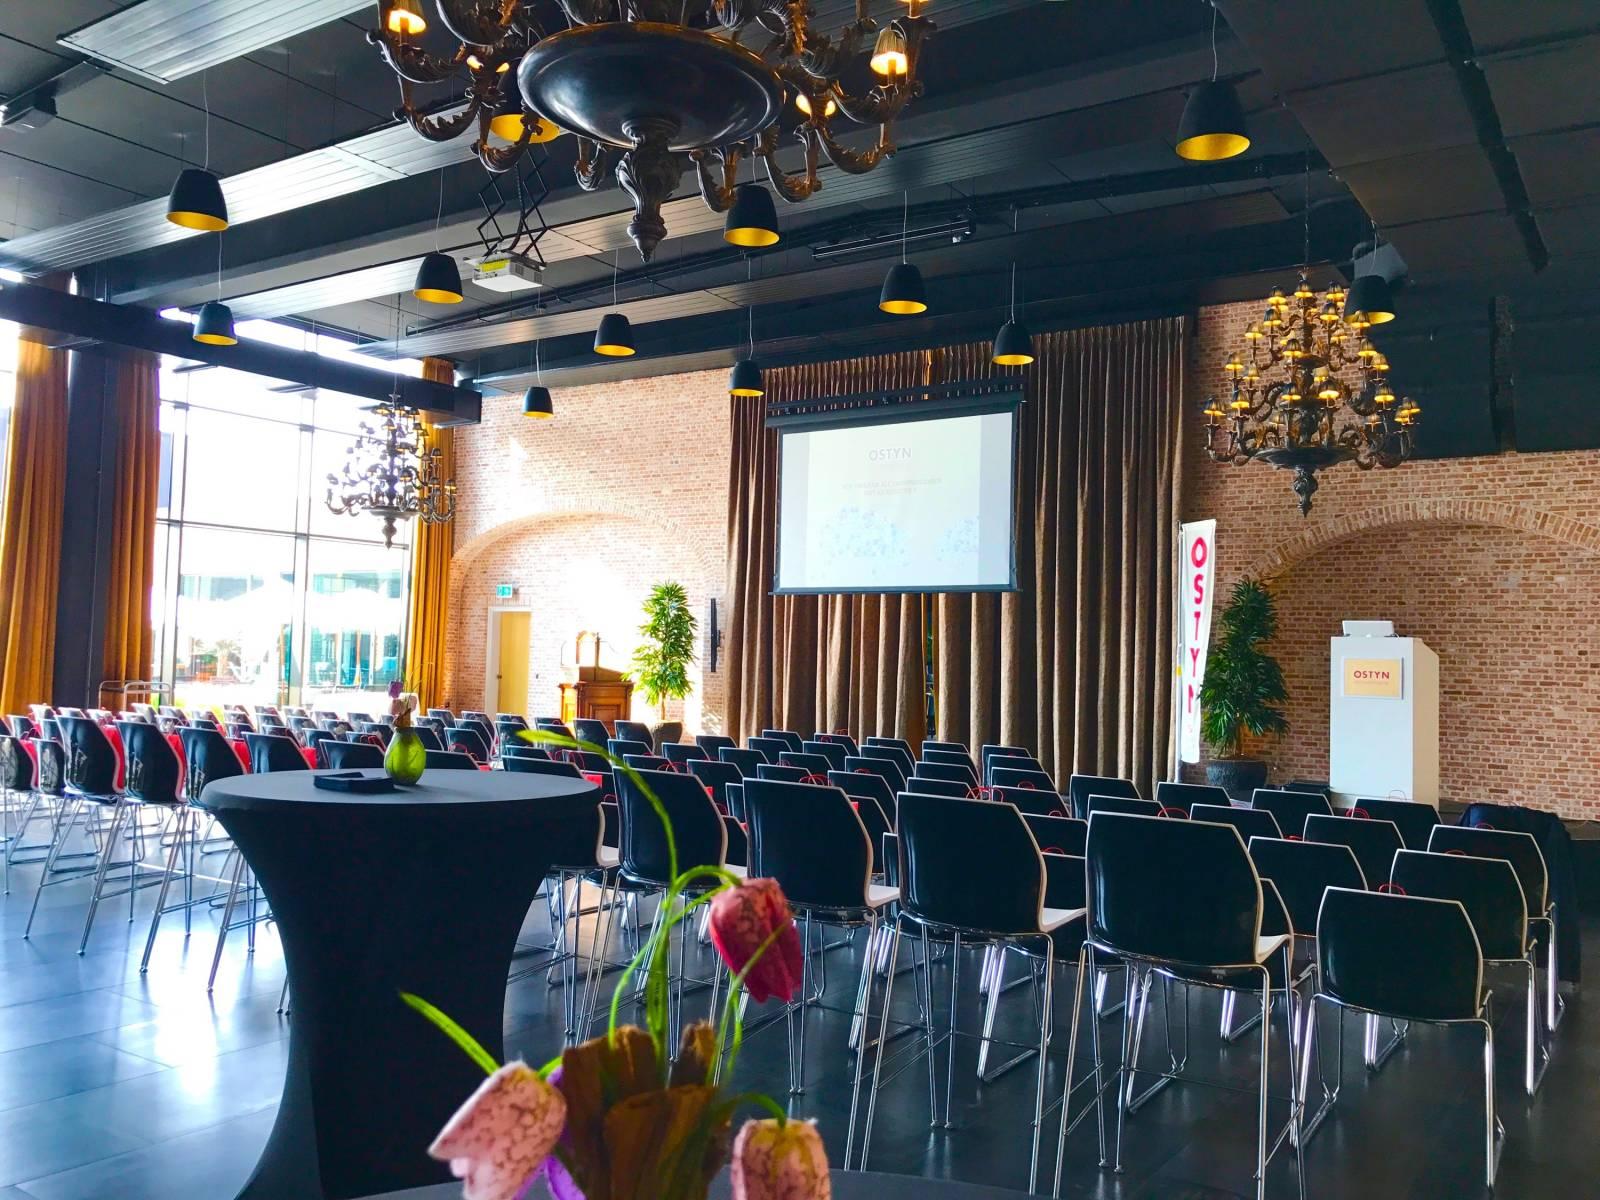 Het Bierkasteel - Feestzaal - Feestlocatie - Brouwerij - Restaurant - Industrieel - Izegem (West-Vlaanderen) - House of Events - 15